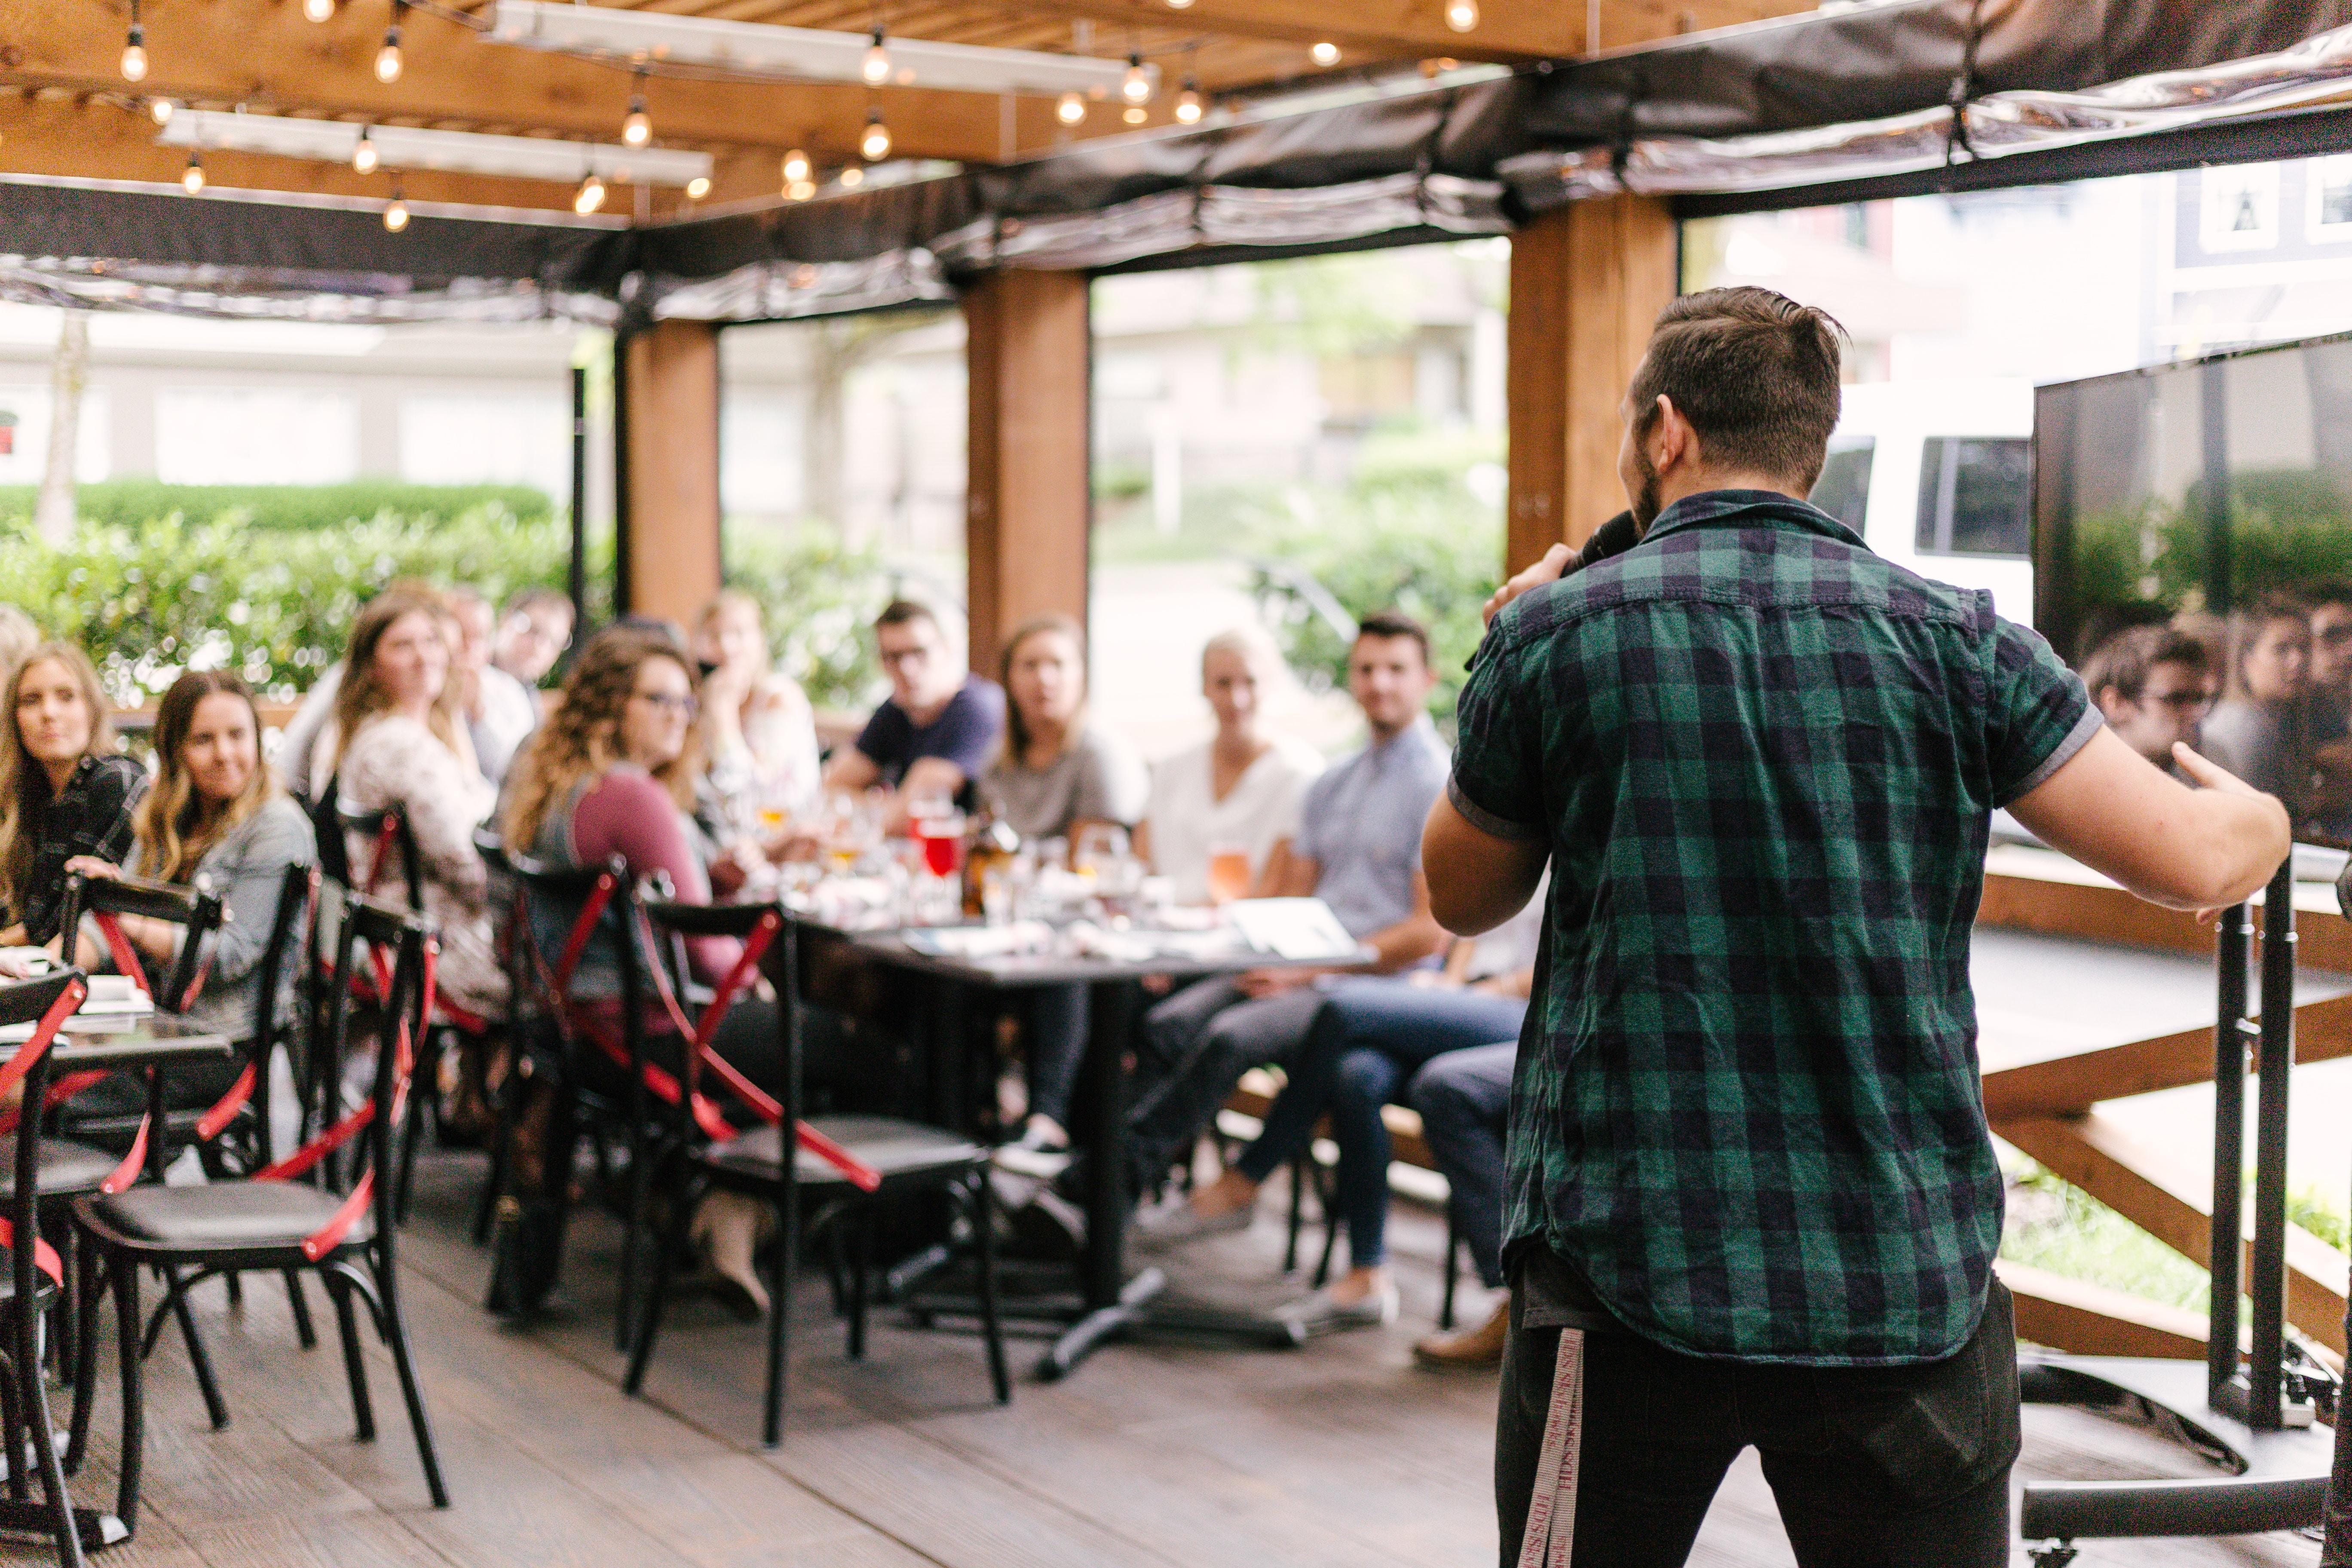 המעבדה לדיבור מול קהל